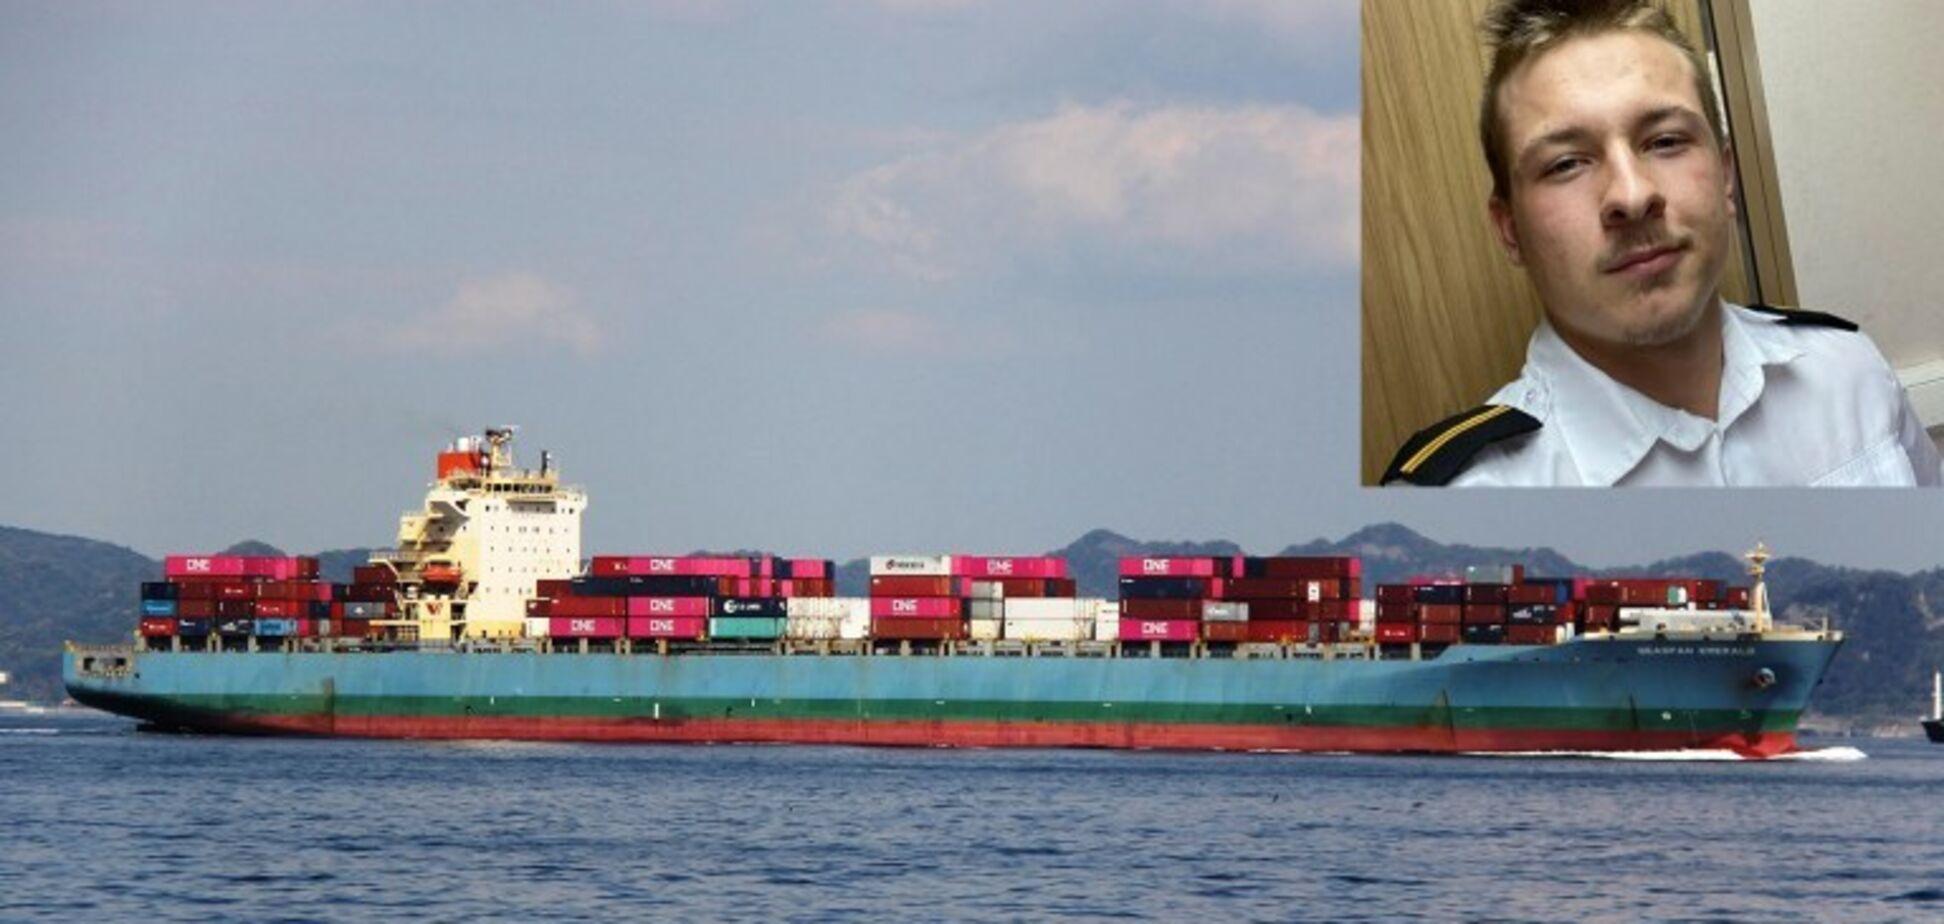 Украинский моряк загадочно пропал с судна во время перехода из Гонконга в Японию